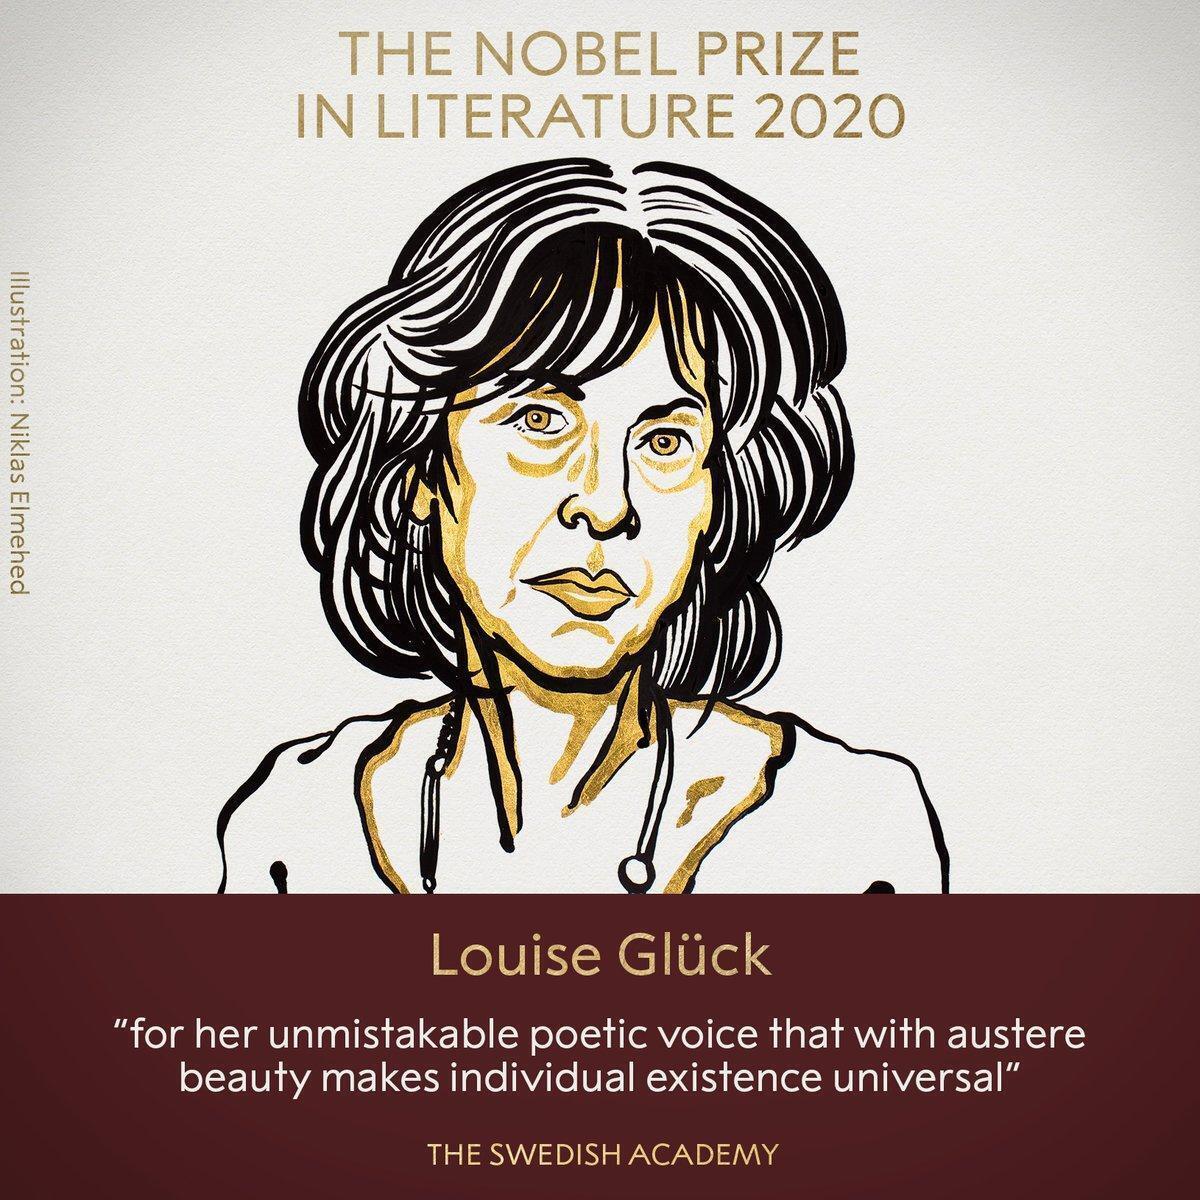 Луиза Глюк получила Нобелевскую премию в области литературы.